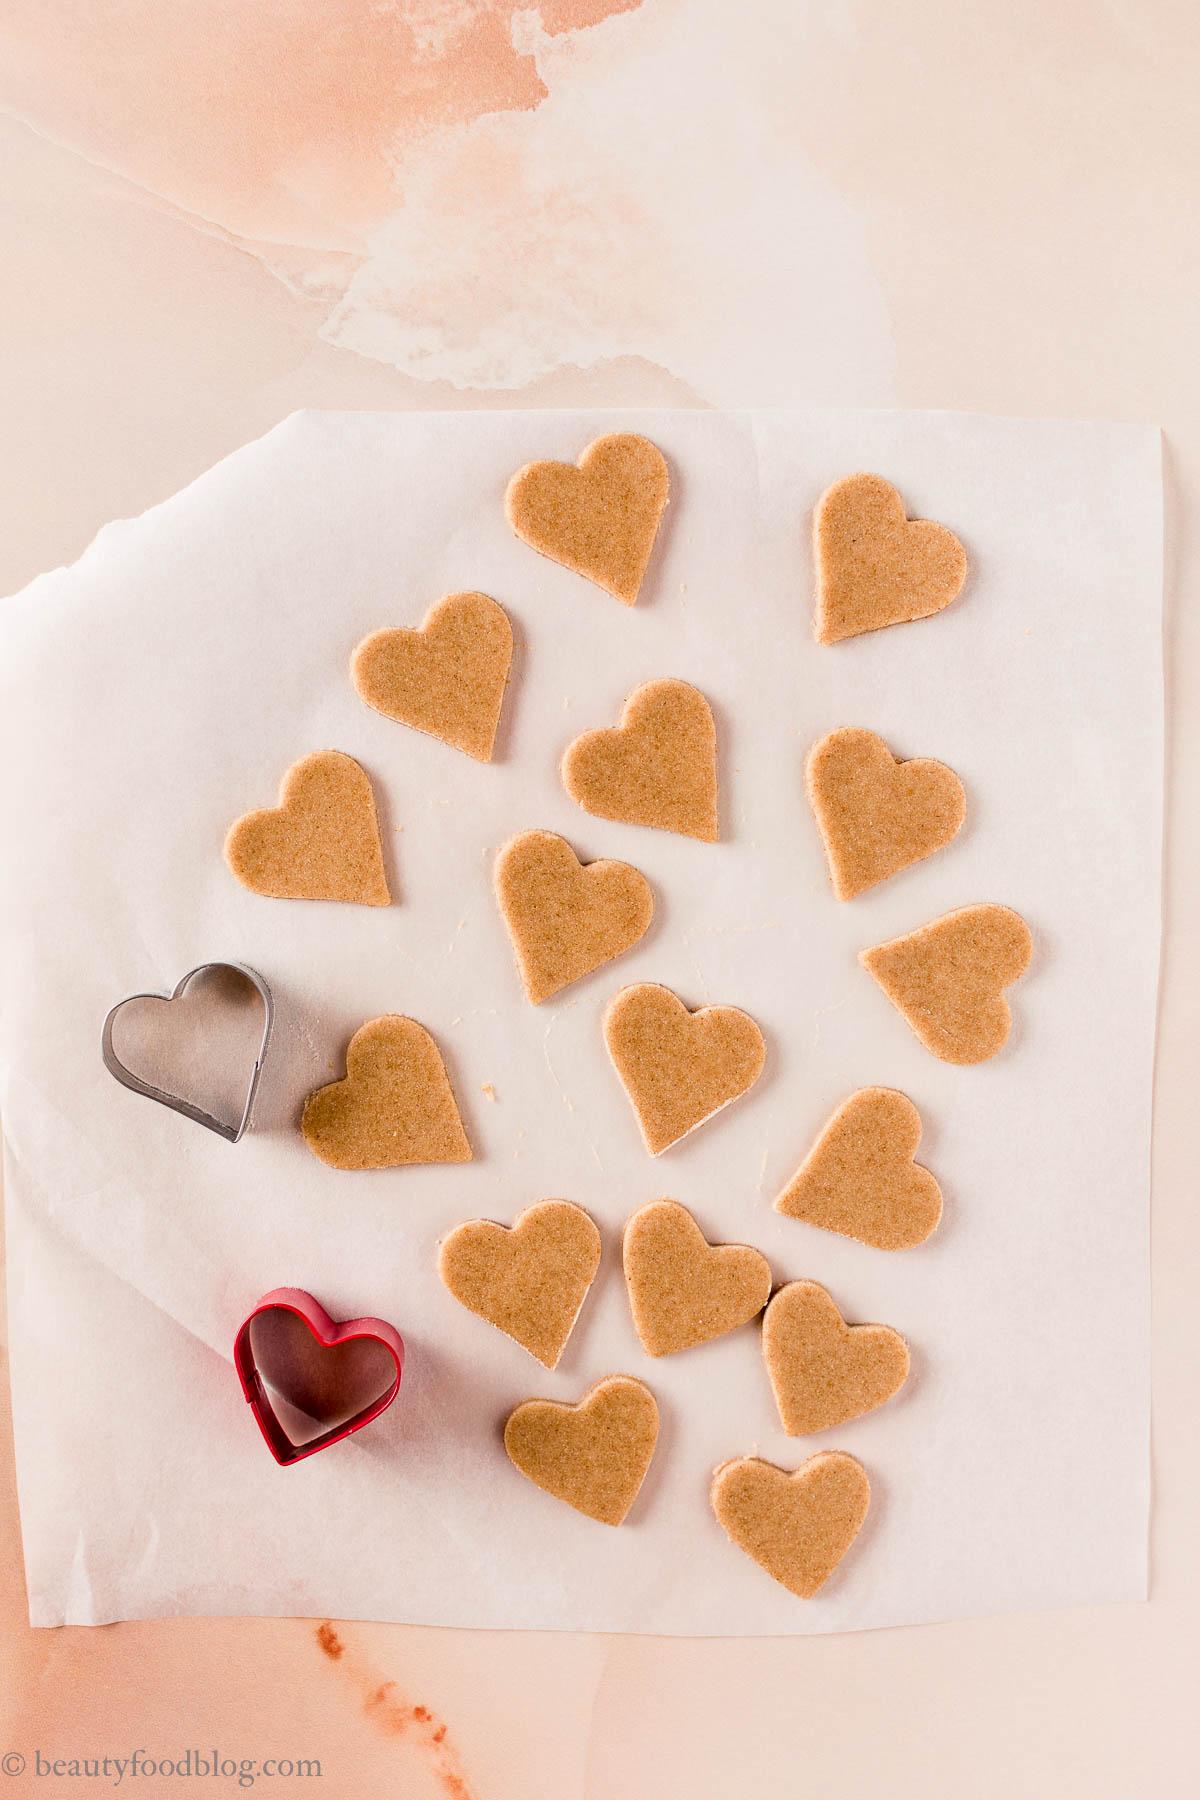 come fare i biscotti di pasta frolla vegana senza uova senza burro integrali con sciroppo d'acero e olio di cocco frollini vegan how to make healthy vegan shortbread cookies